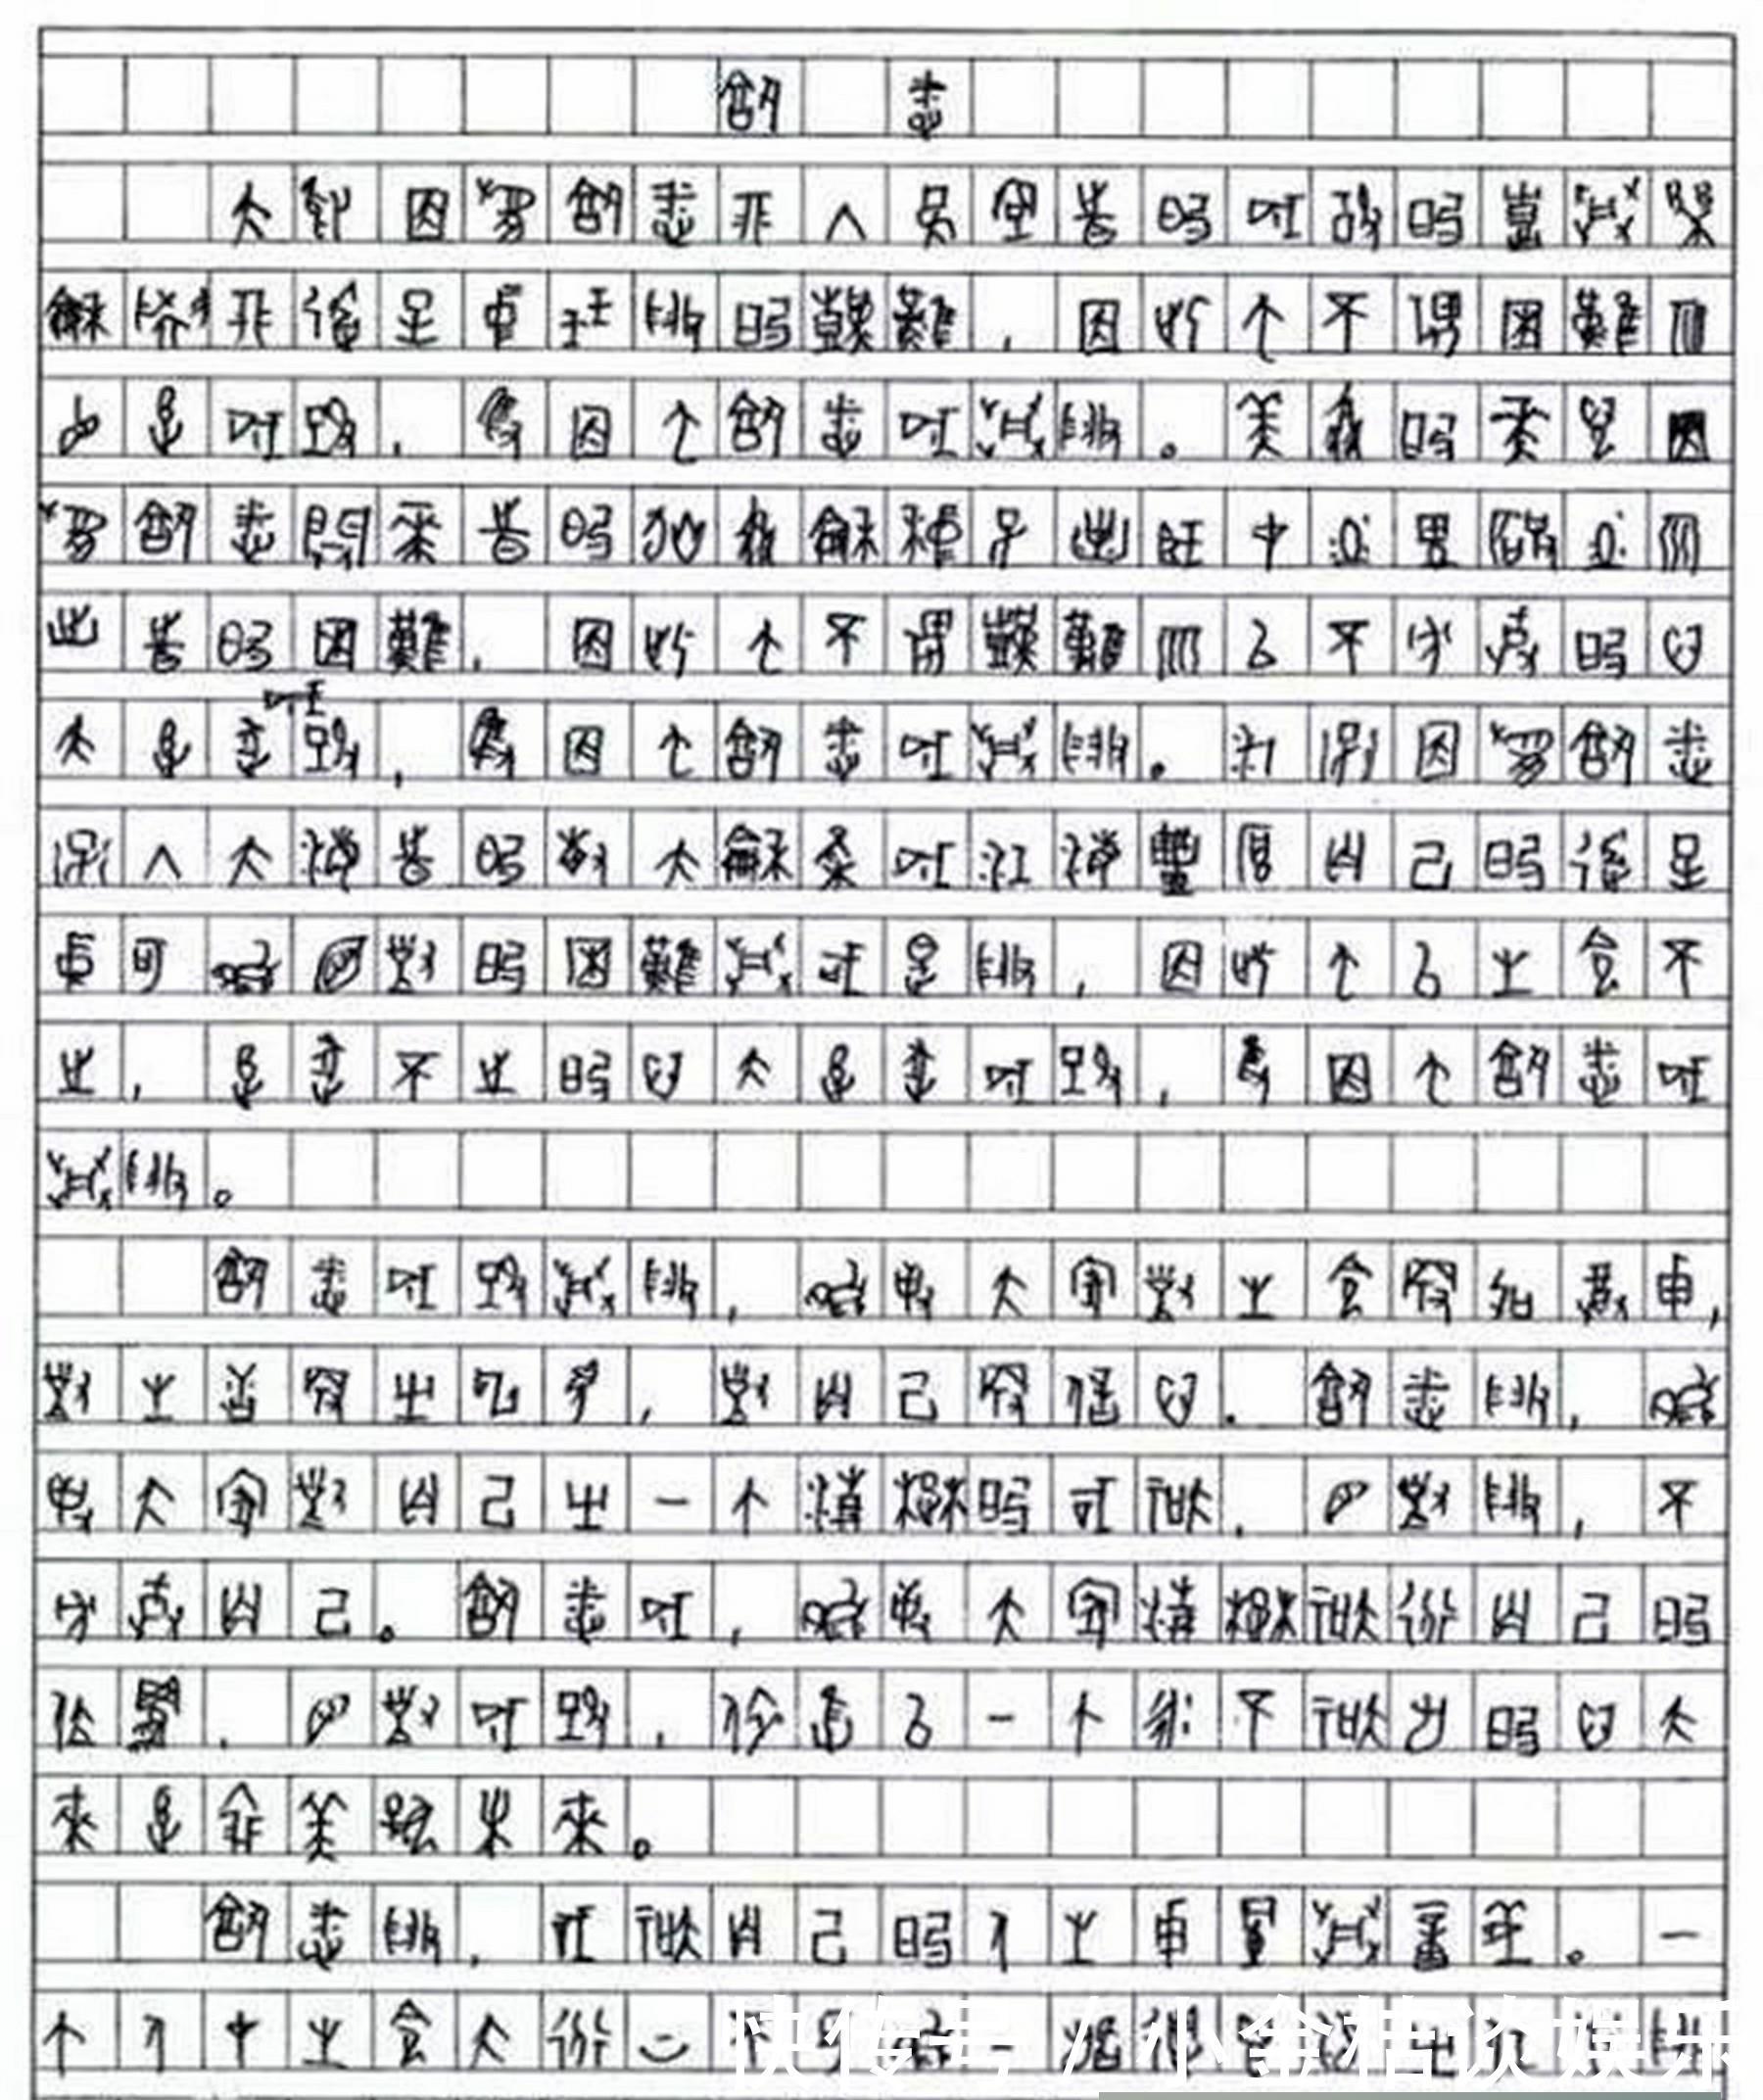 高中800字中秋节作文 (共4篇).doc -max上传文档投稿赚钱-文...